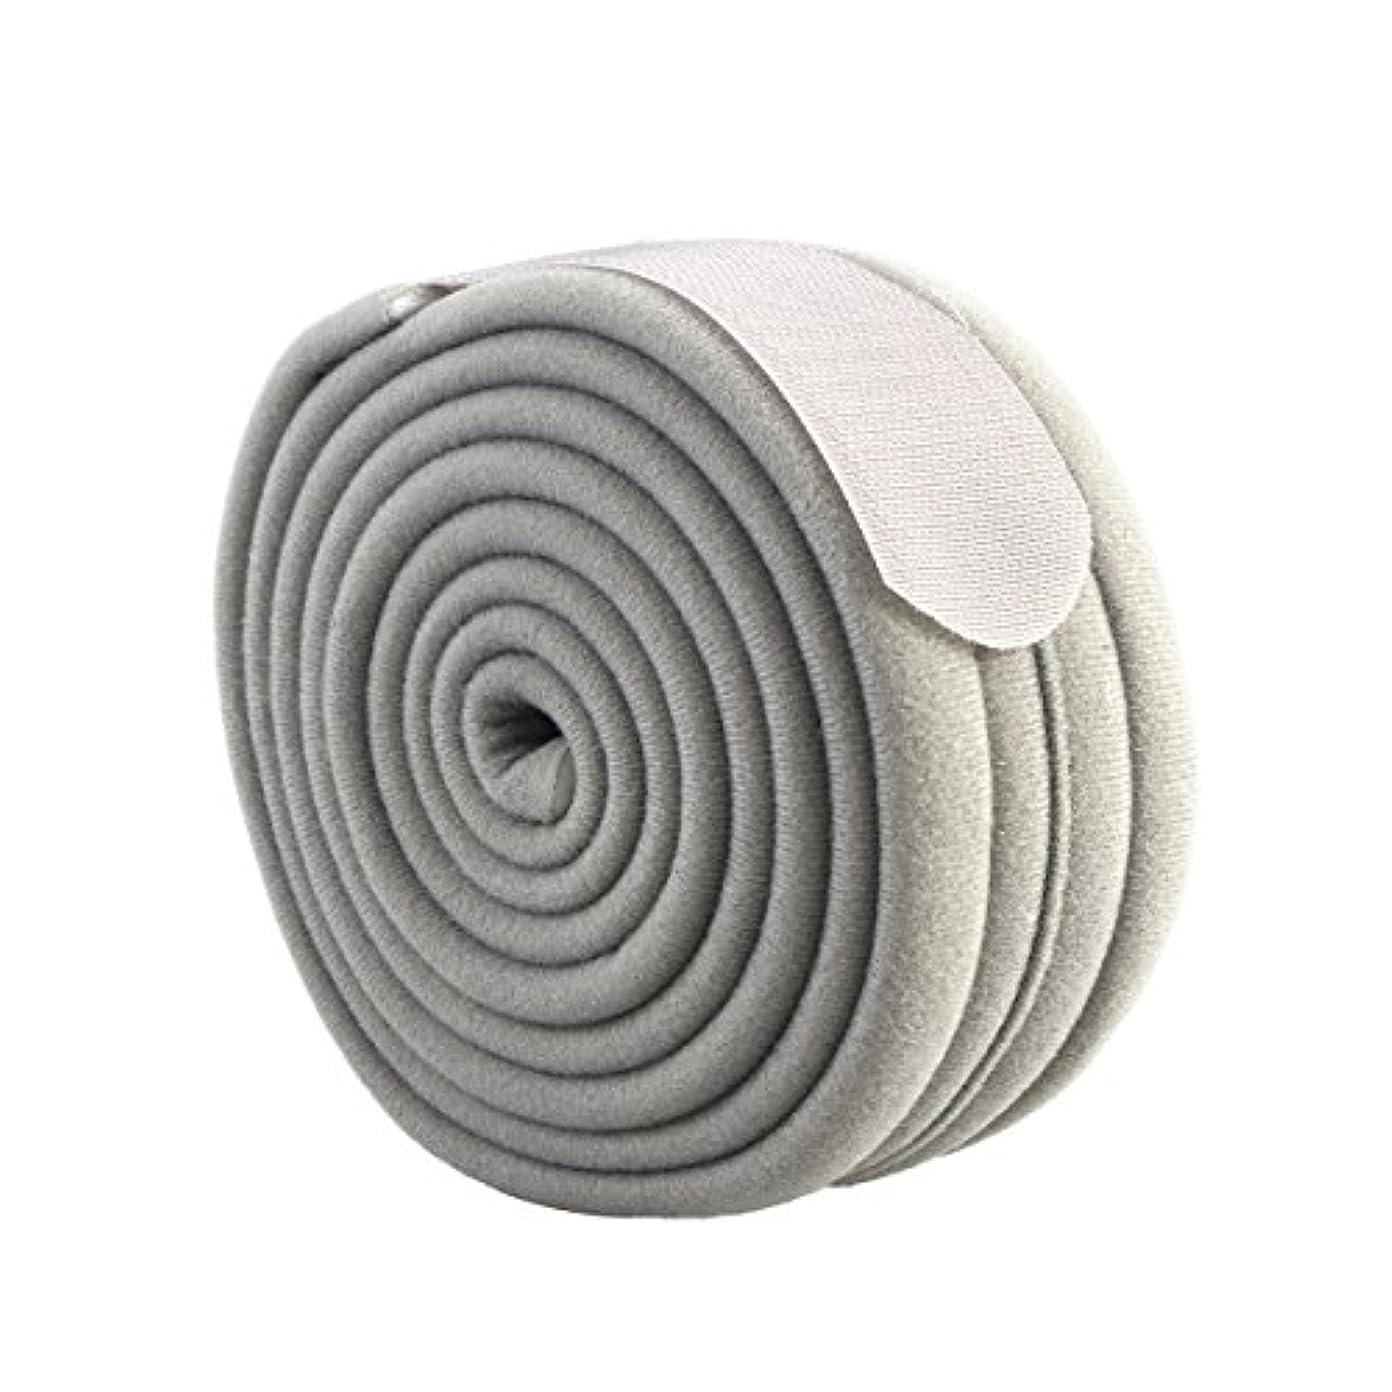 チャンバー軽減休日ROSENICE アームスリング アームホルダー アームスリング アームのサポート 調節可能 通気性 調節可能 腕の骨折?脱臼時のギプス固定 男性 女性